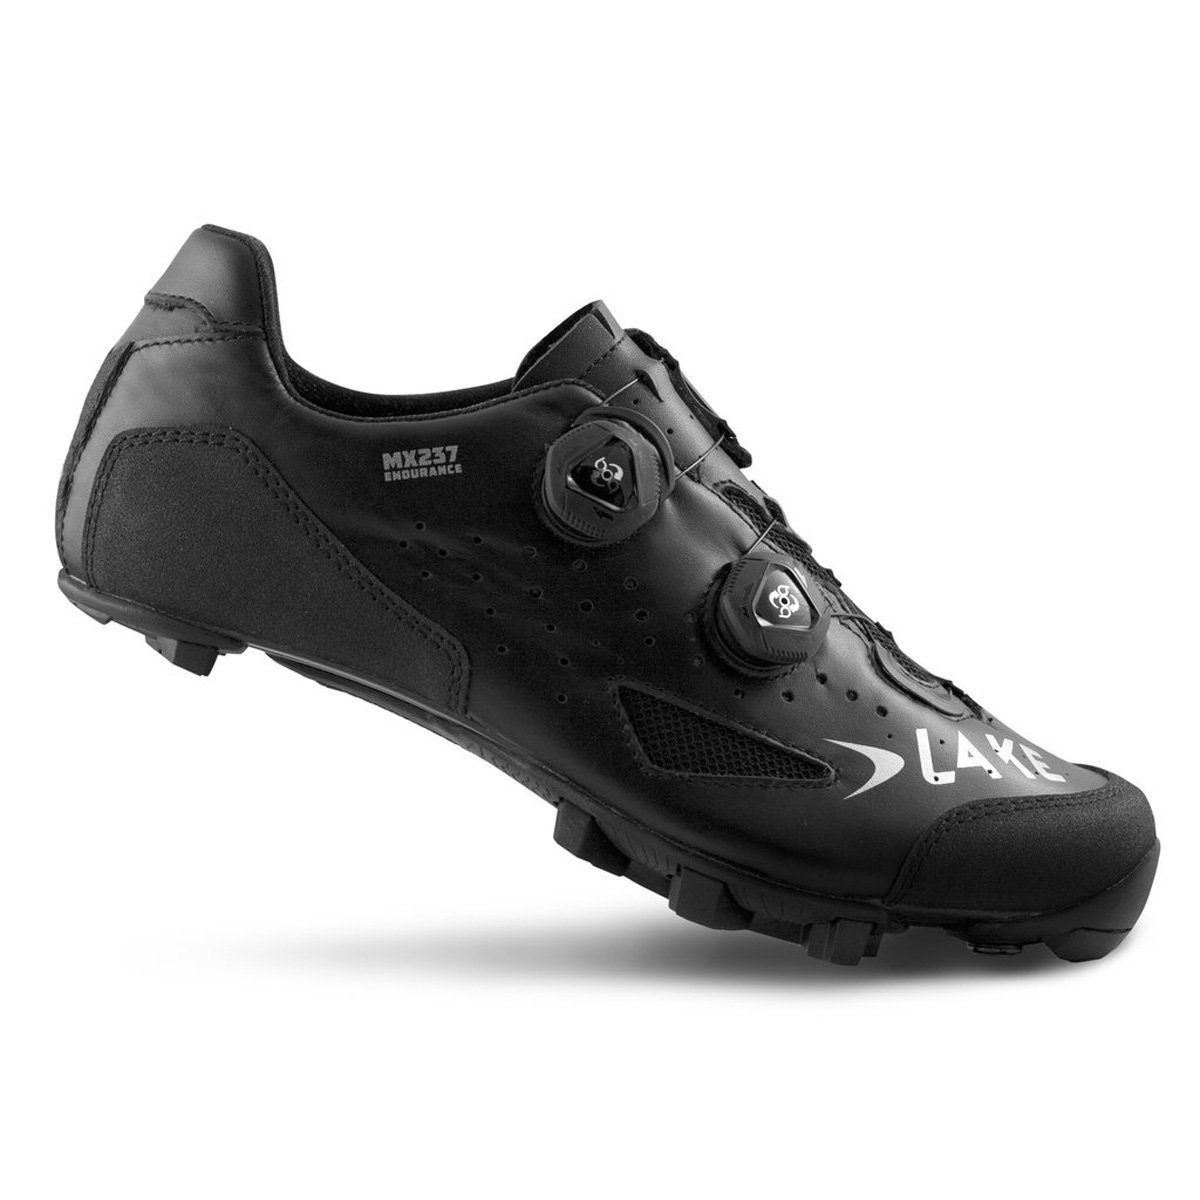 湖Cycling 2018メンズmx237-xワイドEndurance Mountain Bike Shoes B07BJZBJV1 43.5|ブラック/ブラック ブラック/ブラック 43.5